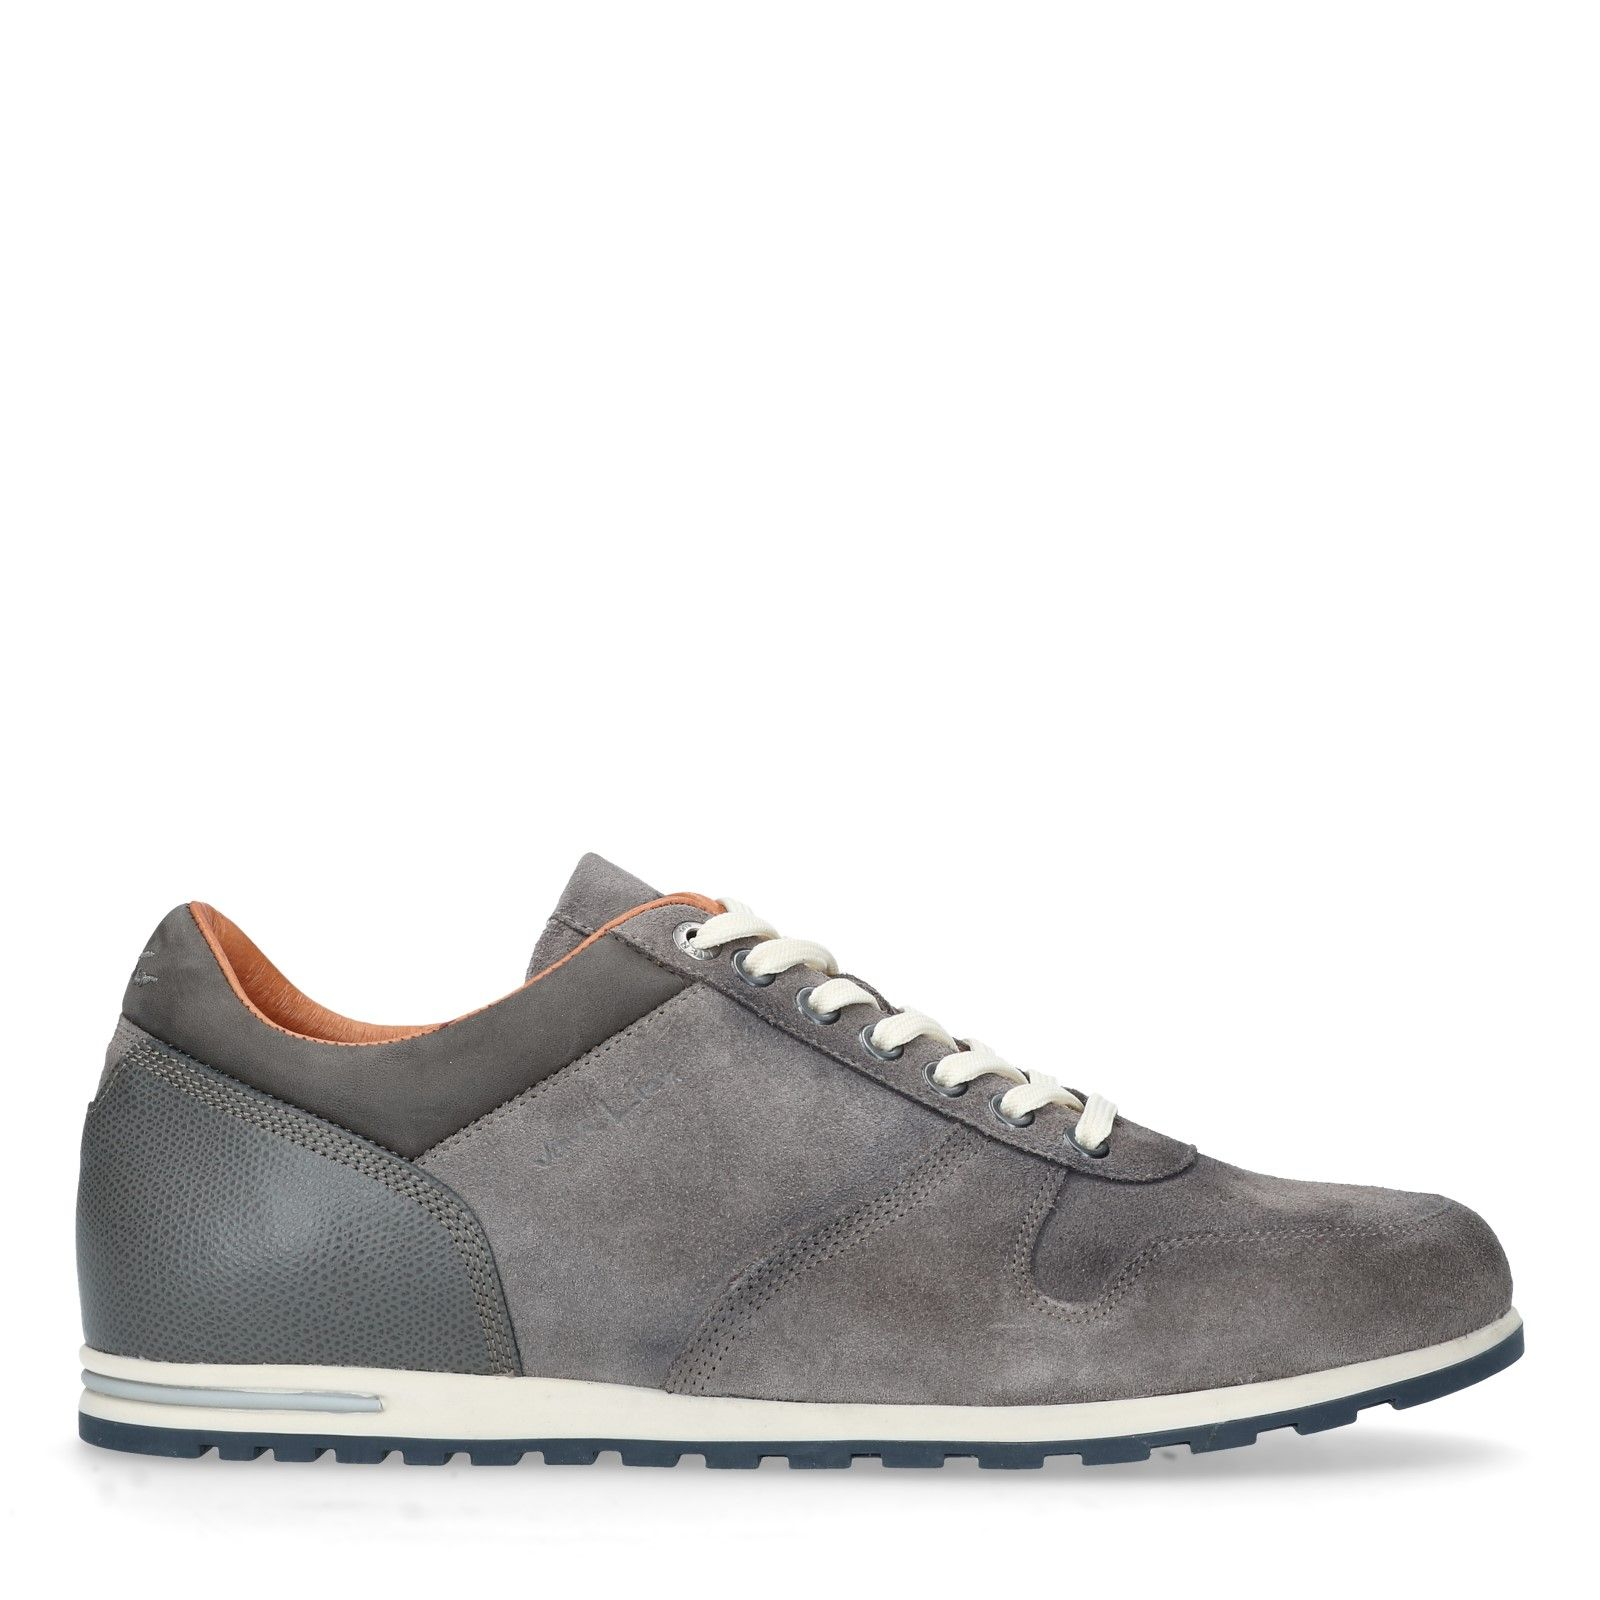 82e1c86759080b Grijze leren sneakers - Heren | MANFIELD